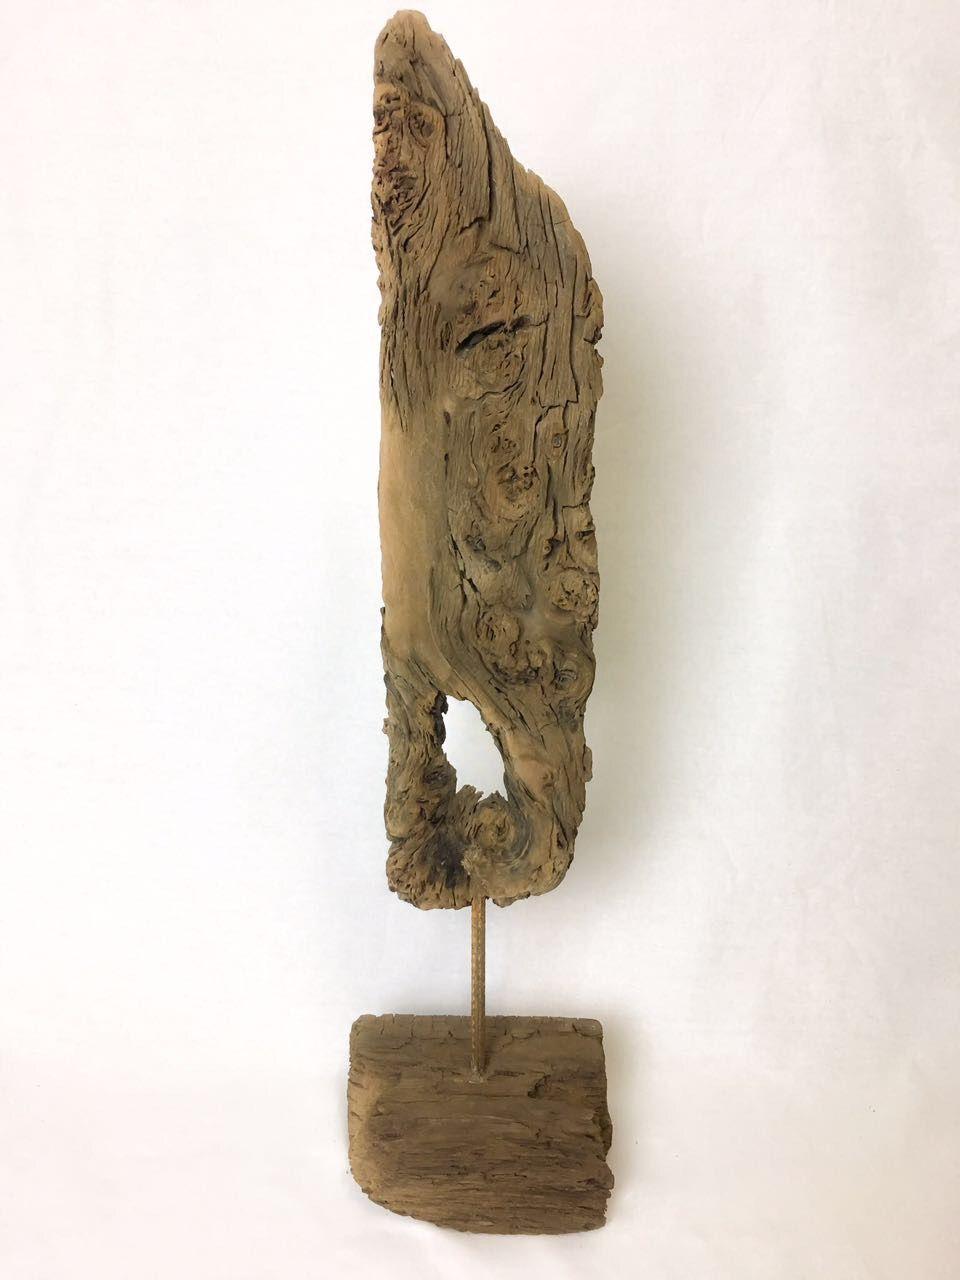 Treibholz Kunst treibholz skulptur frerk treibholz kunst von der insel norderney